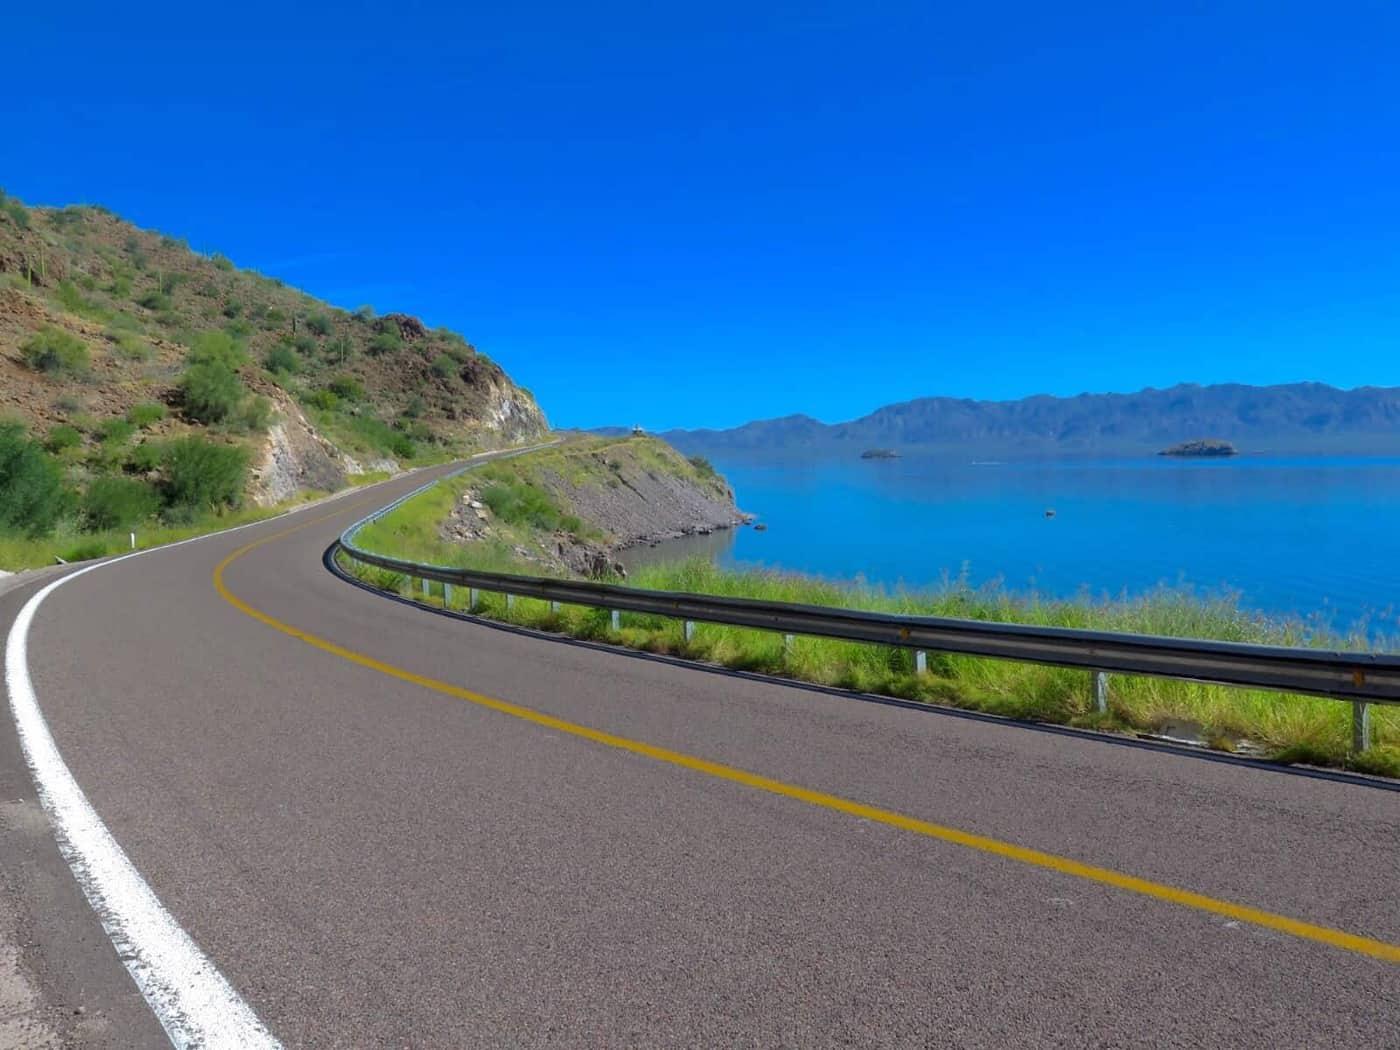 Vista de la carretera por Bahía de Concepción en Baja California Sur